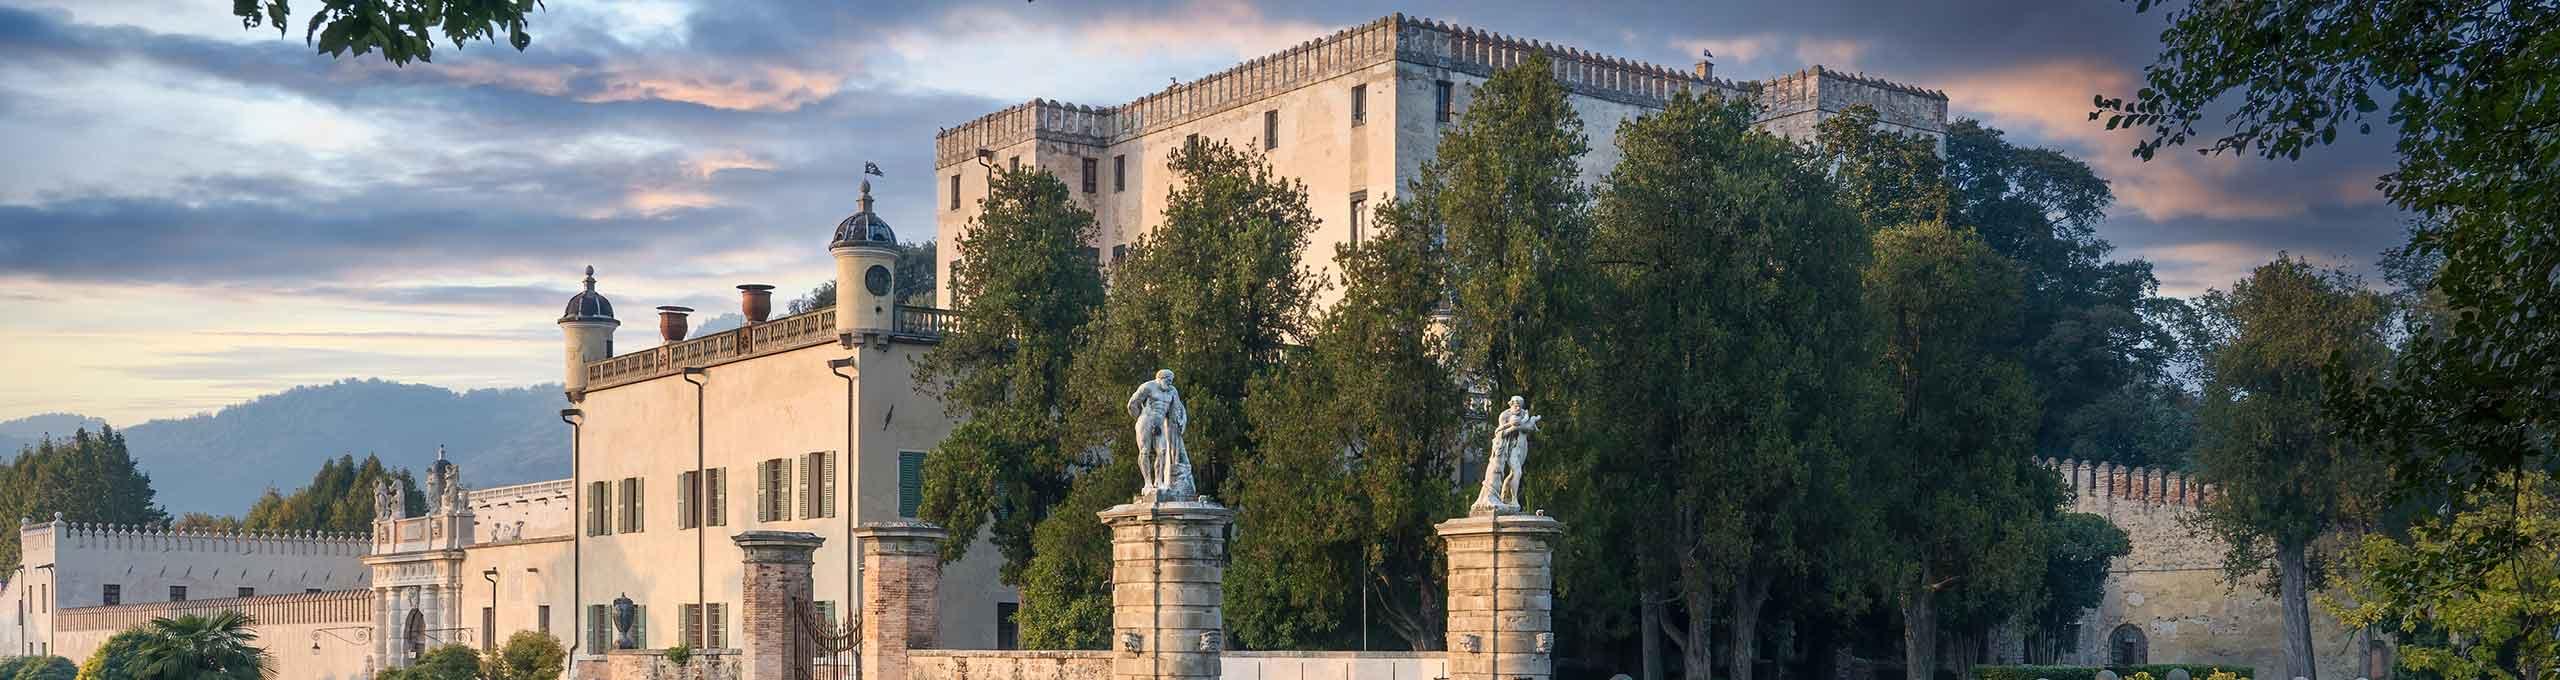 Castello di Catajo